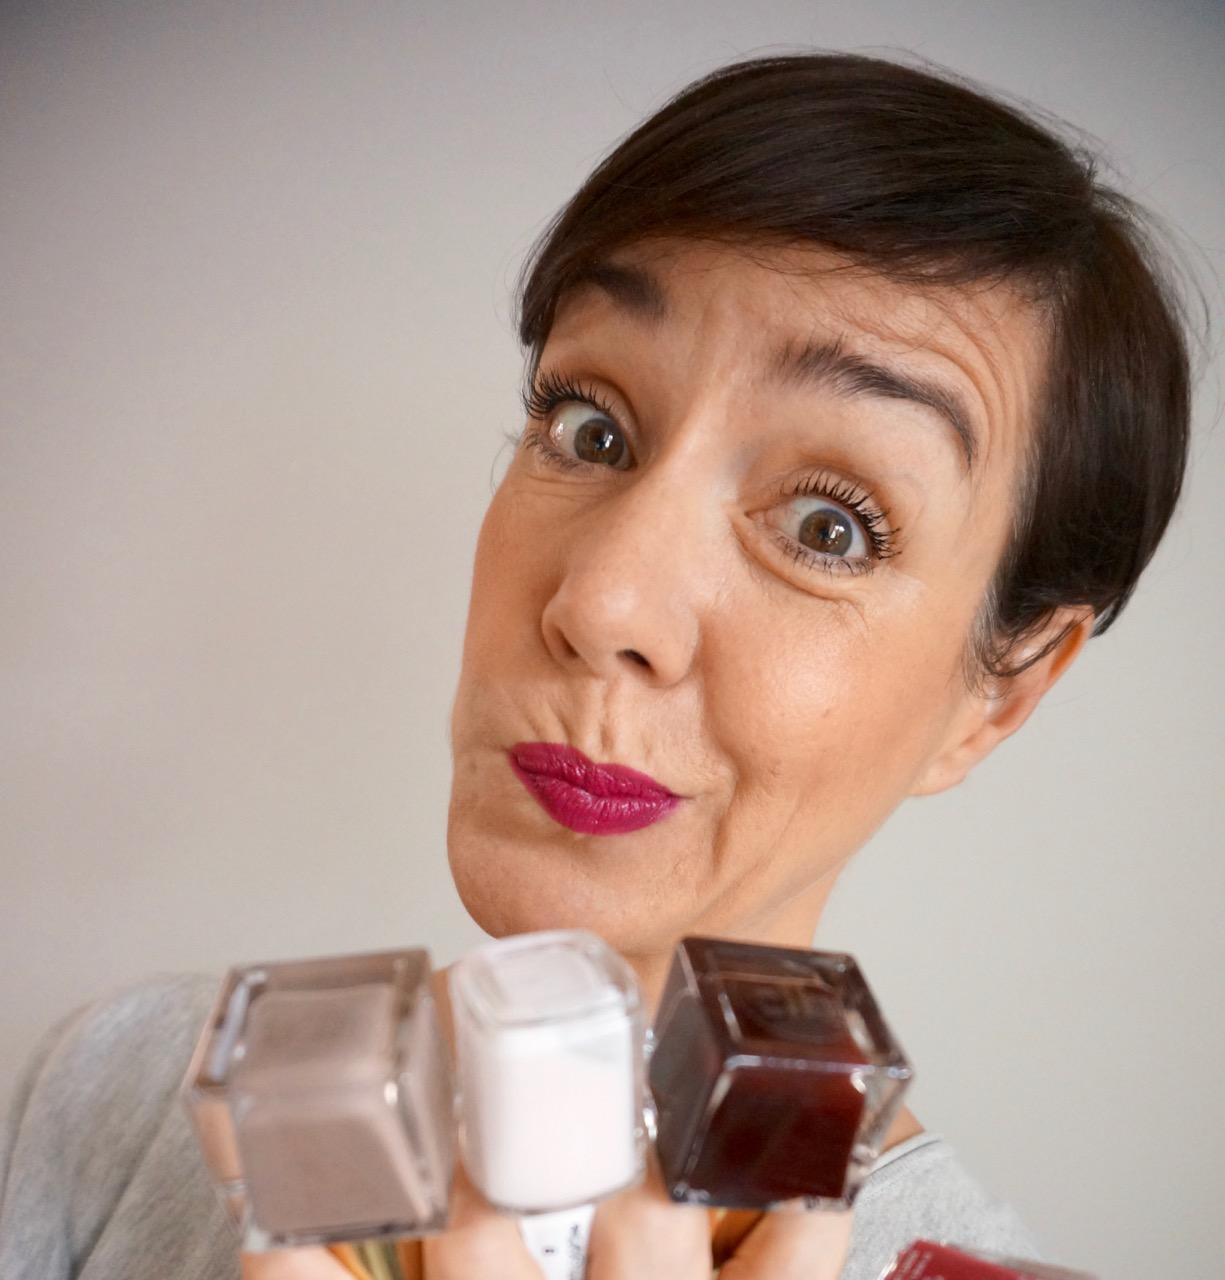 Welcher Nagellack passt farblich zu welchem Lippenstift? Muss man immer die passenden Farben zusammen tragen oder darf man variieren?